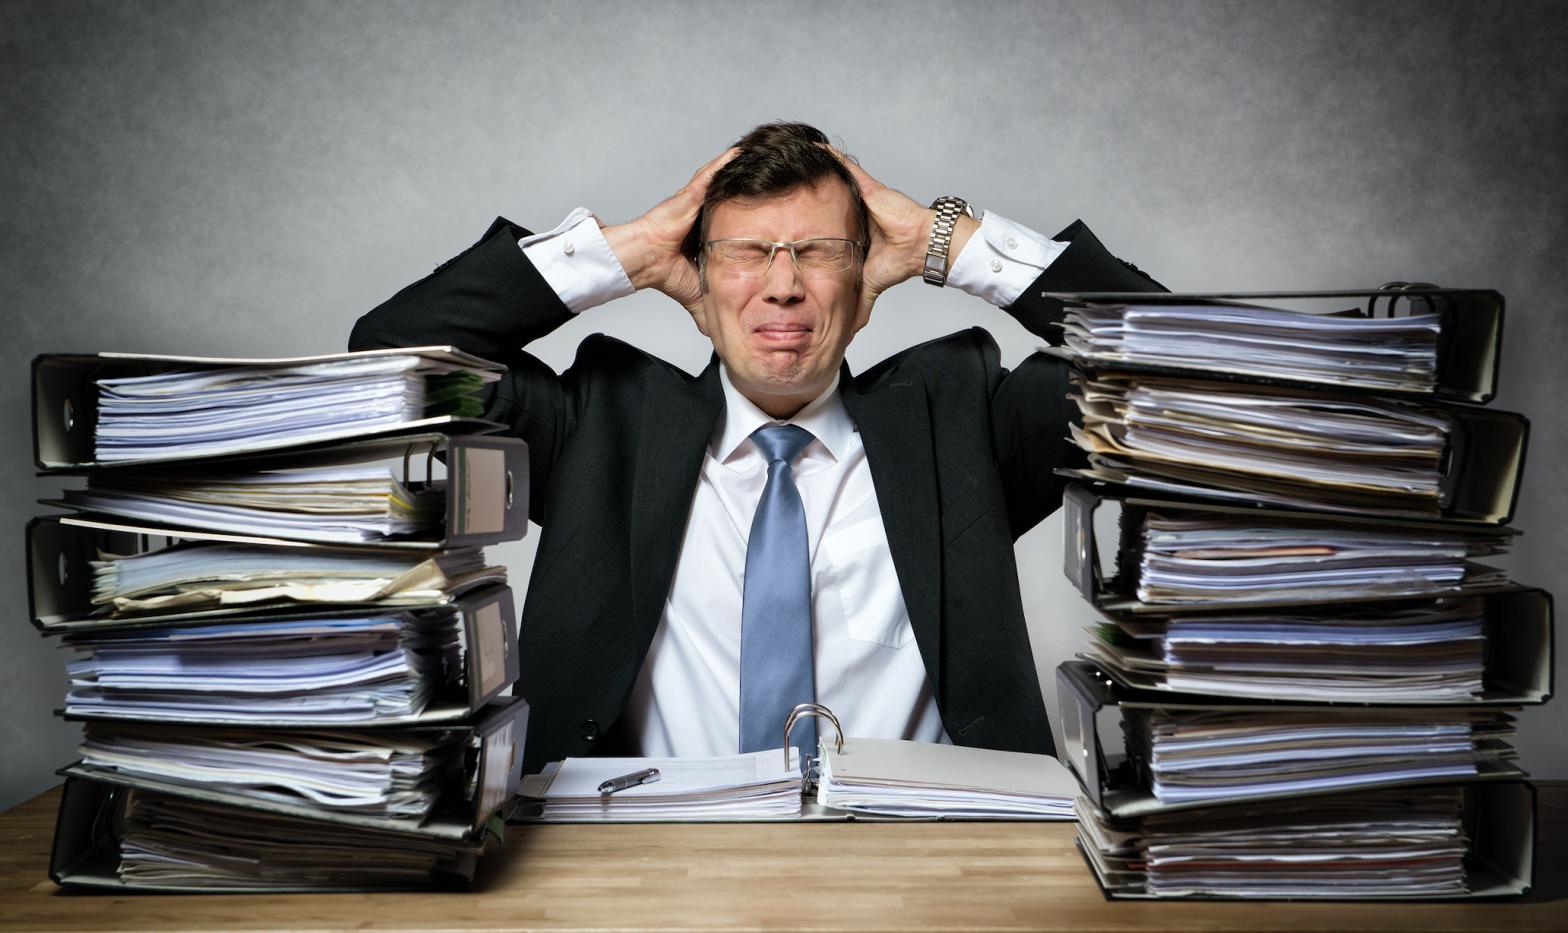 El síndrome que te impide rendir bien en tu trabajo (y cómo solucionarlo)